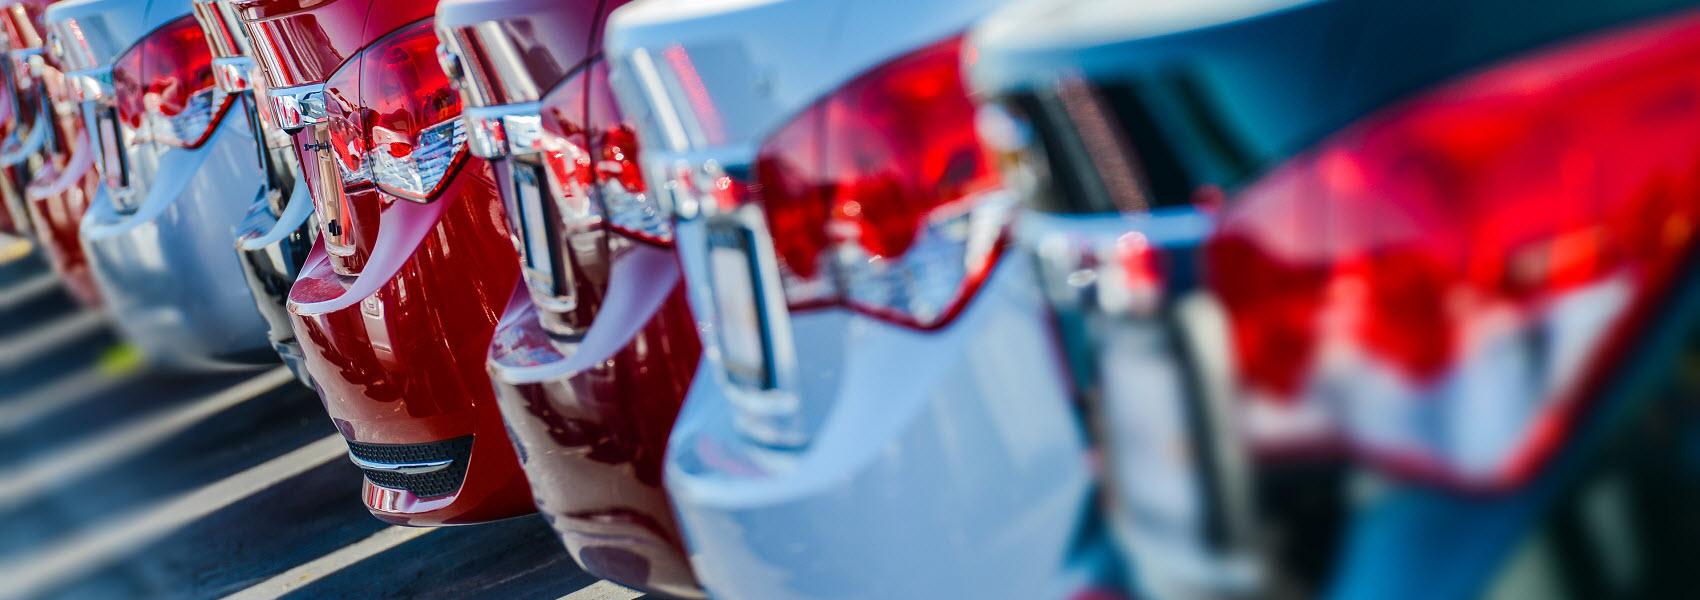 Used Car Dealer | Waycross, GA